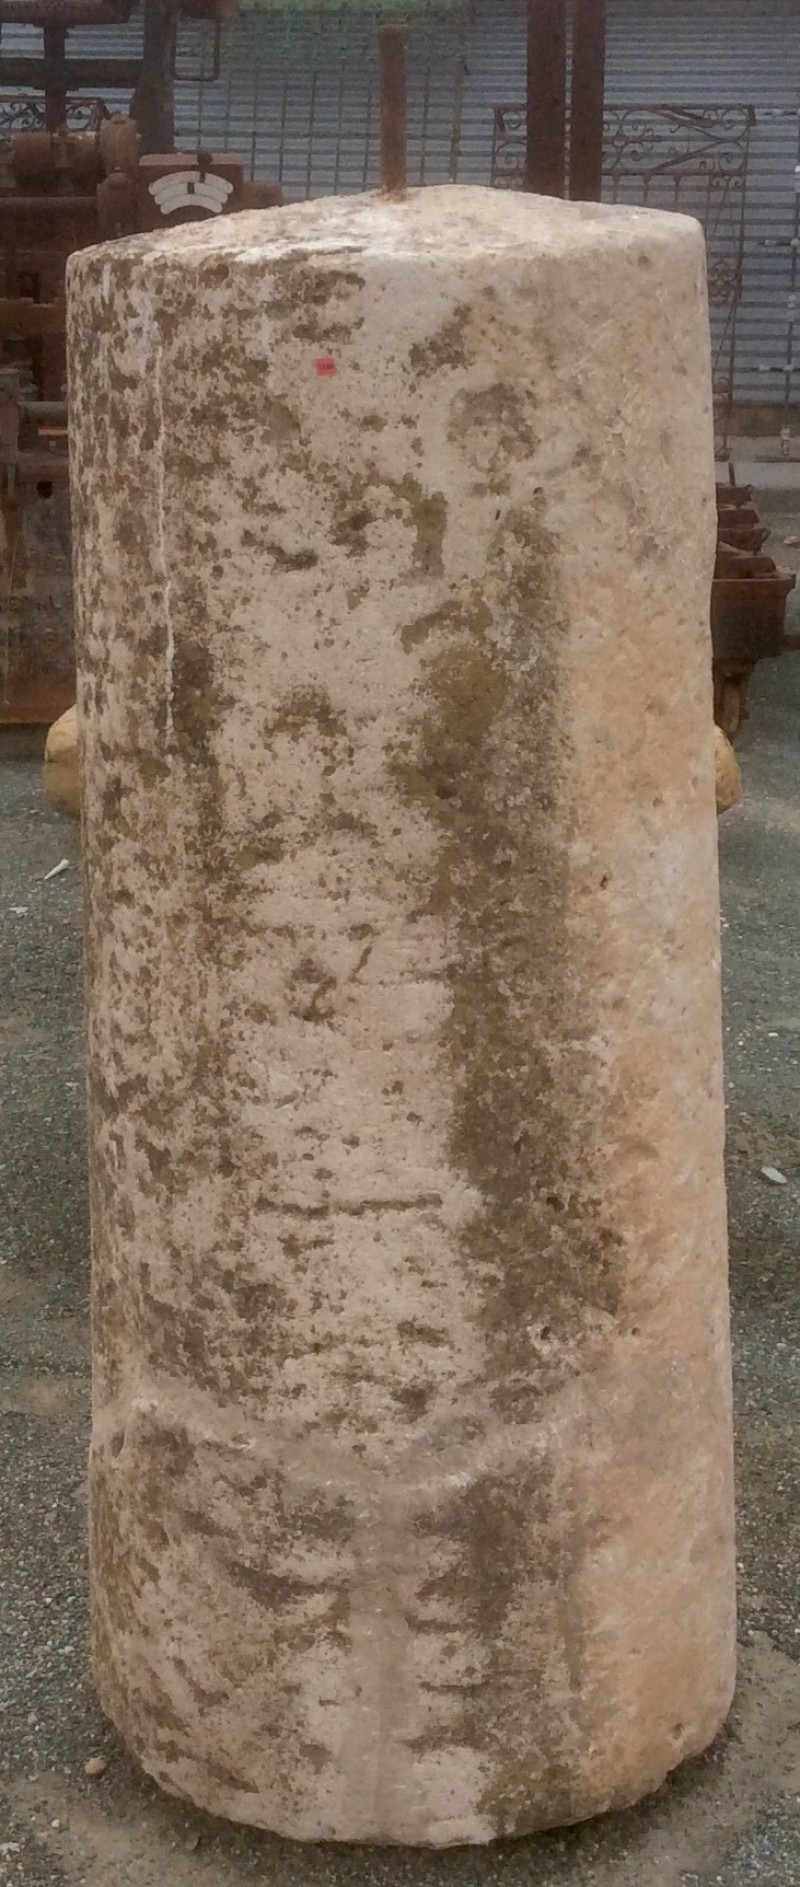 Rulo de piedra reparado. Mide 65 cm de diámetro x 1.45 cm de alto.